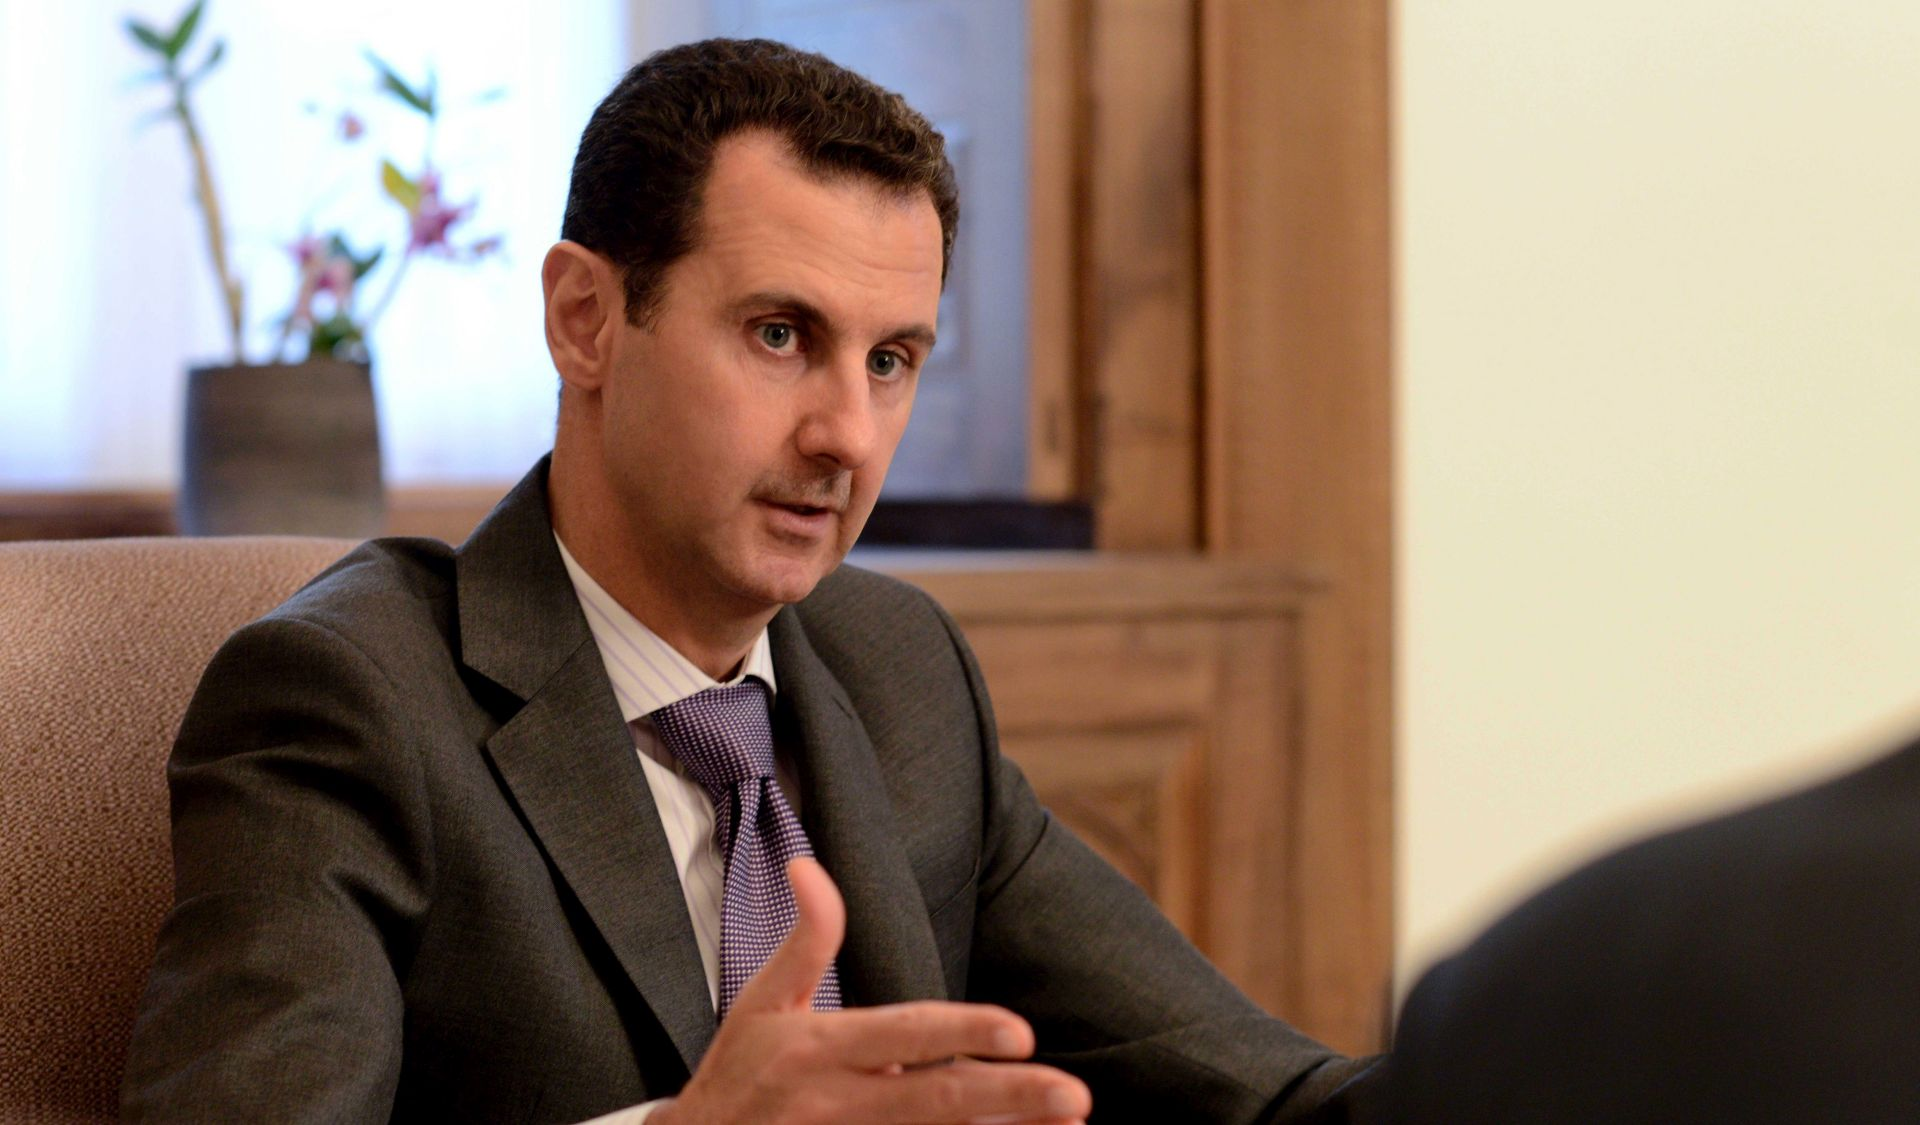 STRAH OD TERORIZMA: Assad kaže da su teroristi među sirijskim izbjeglicama